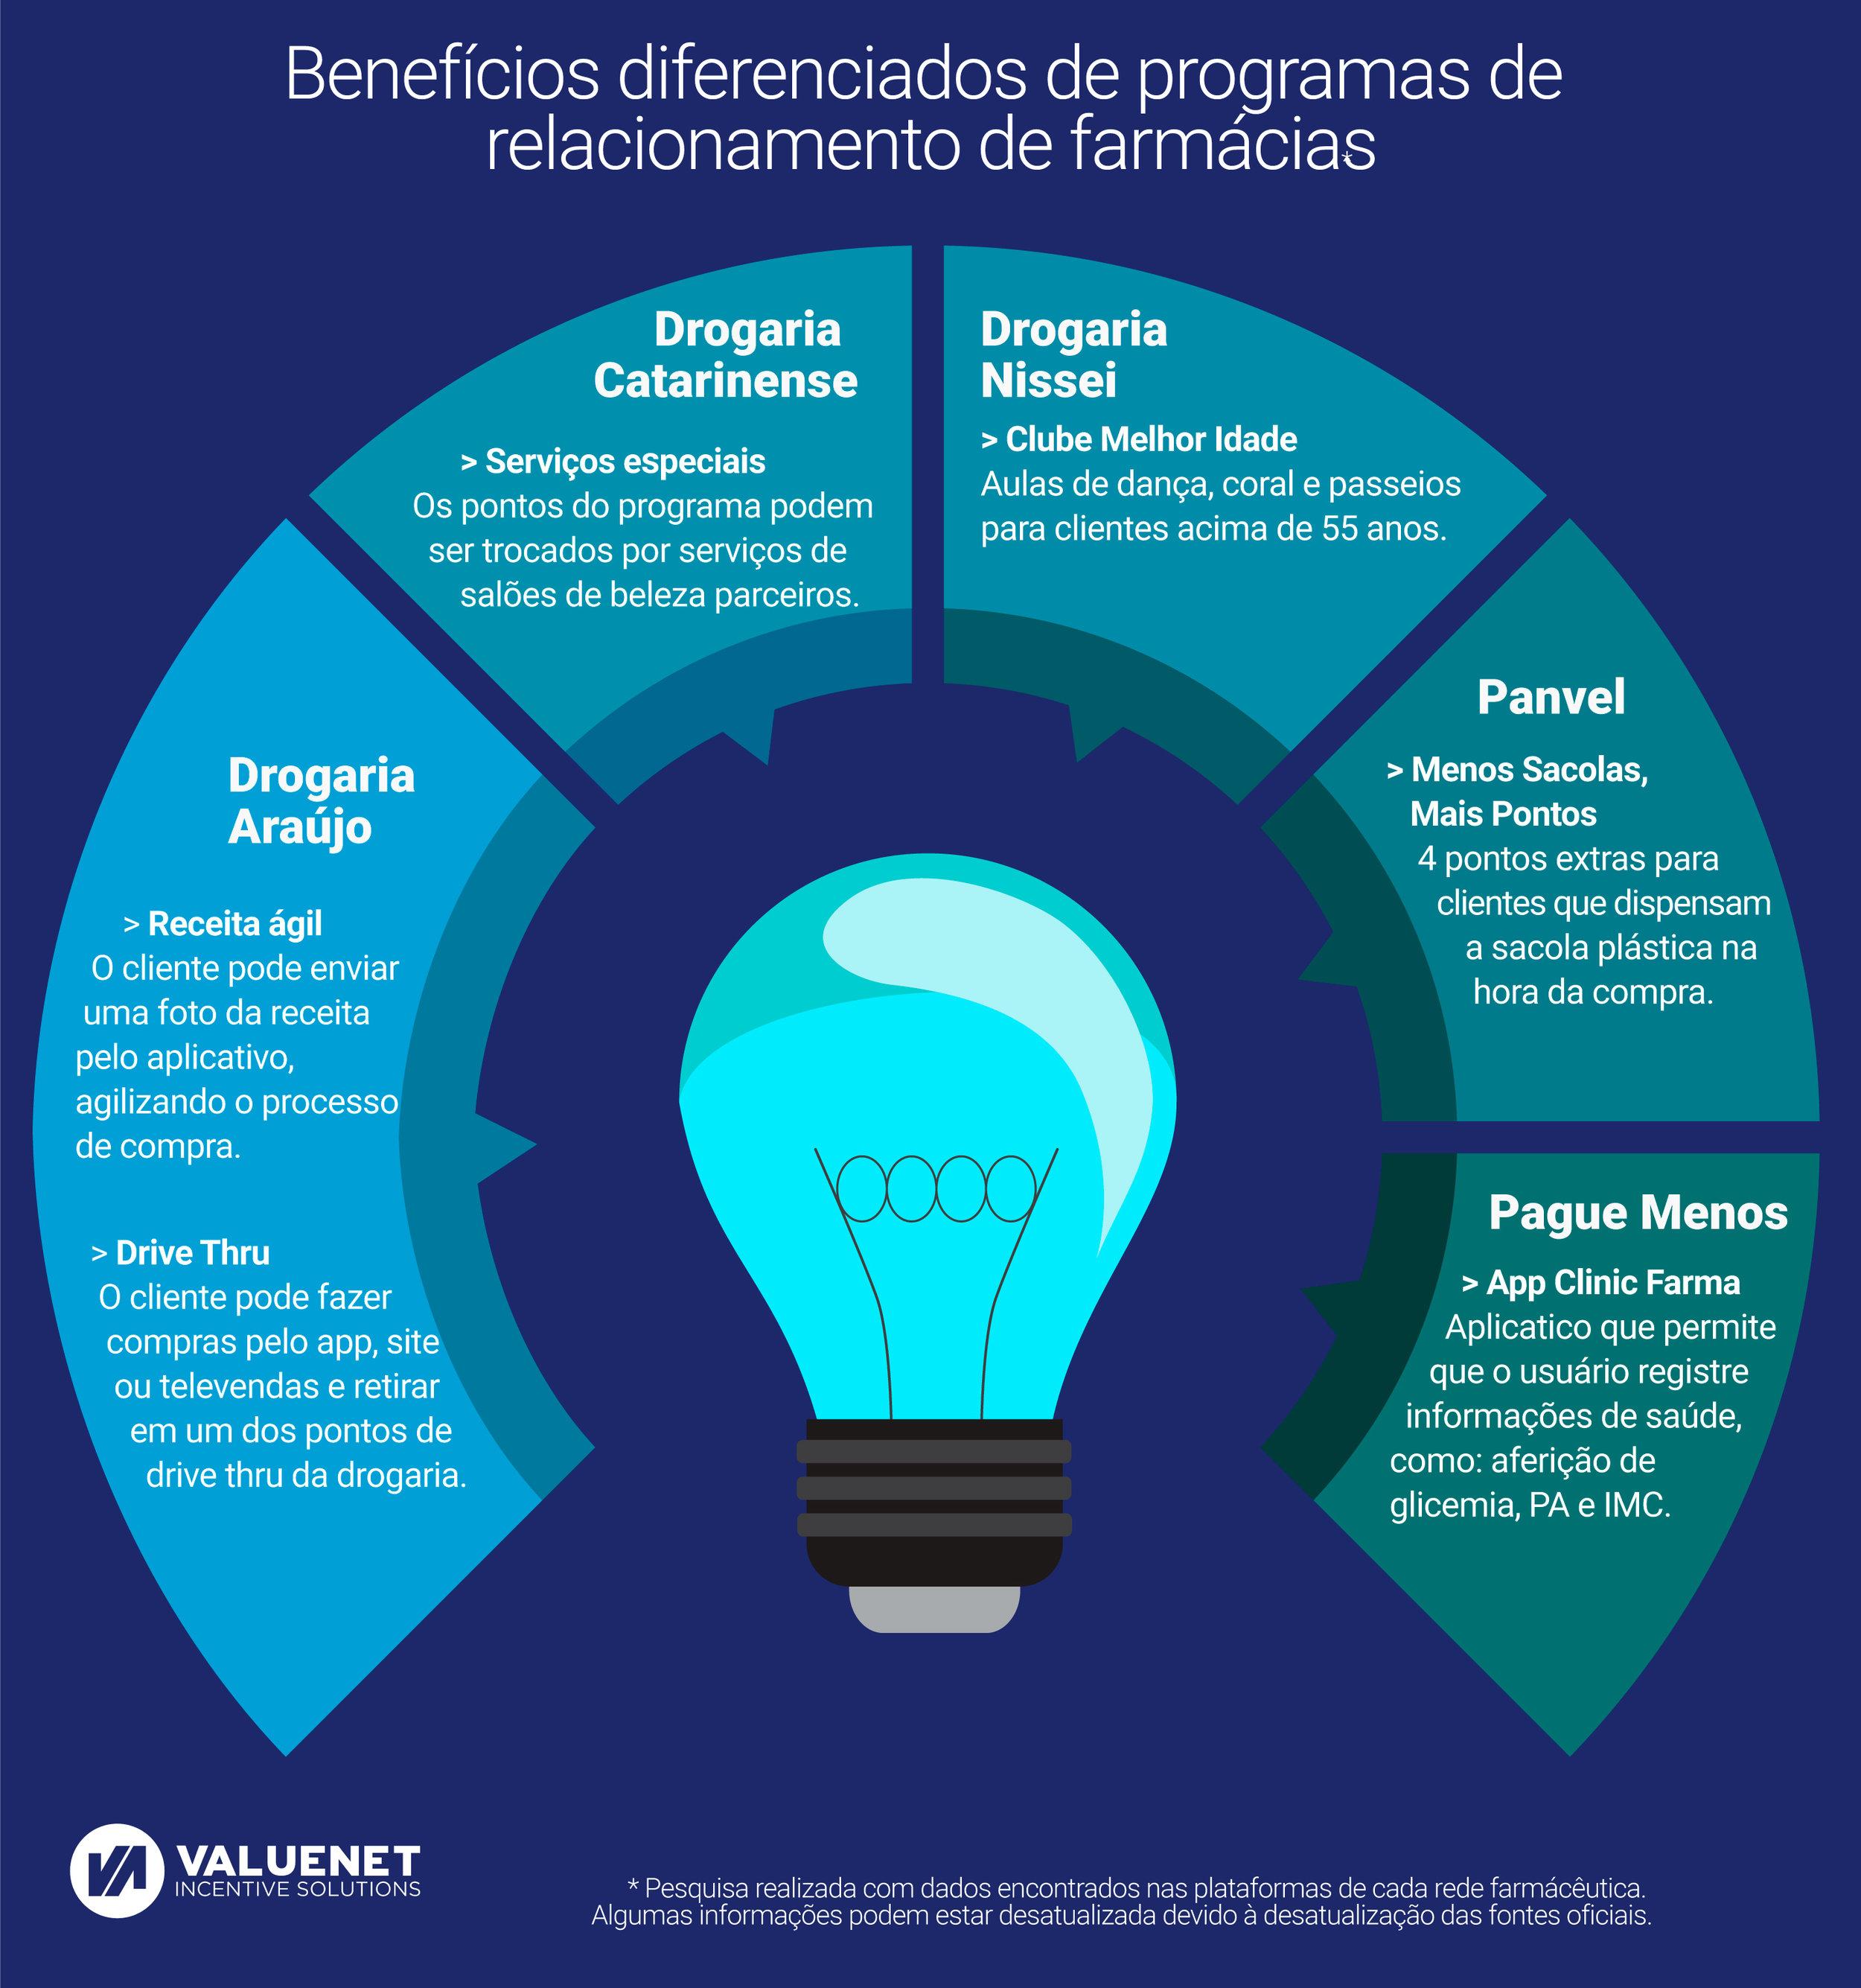 infográfico-farmácias-2-incentivo-fidelização-relacionamento.jpeg